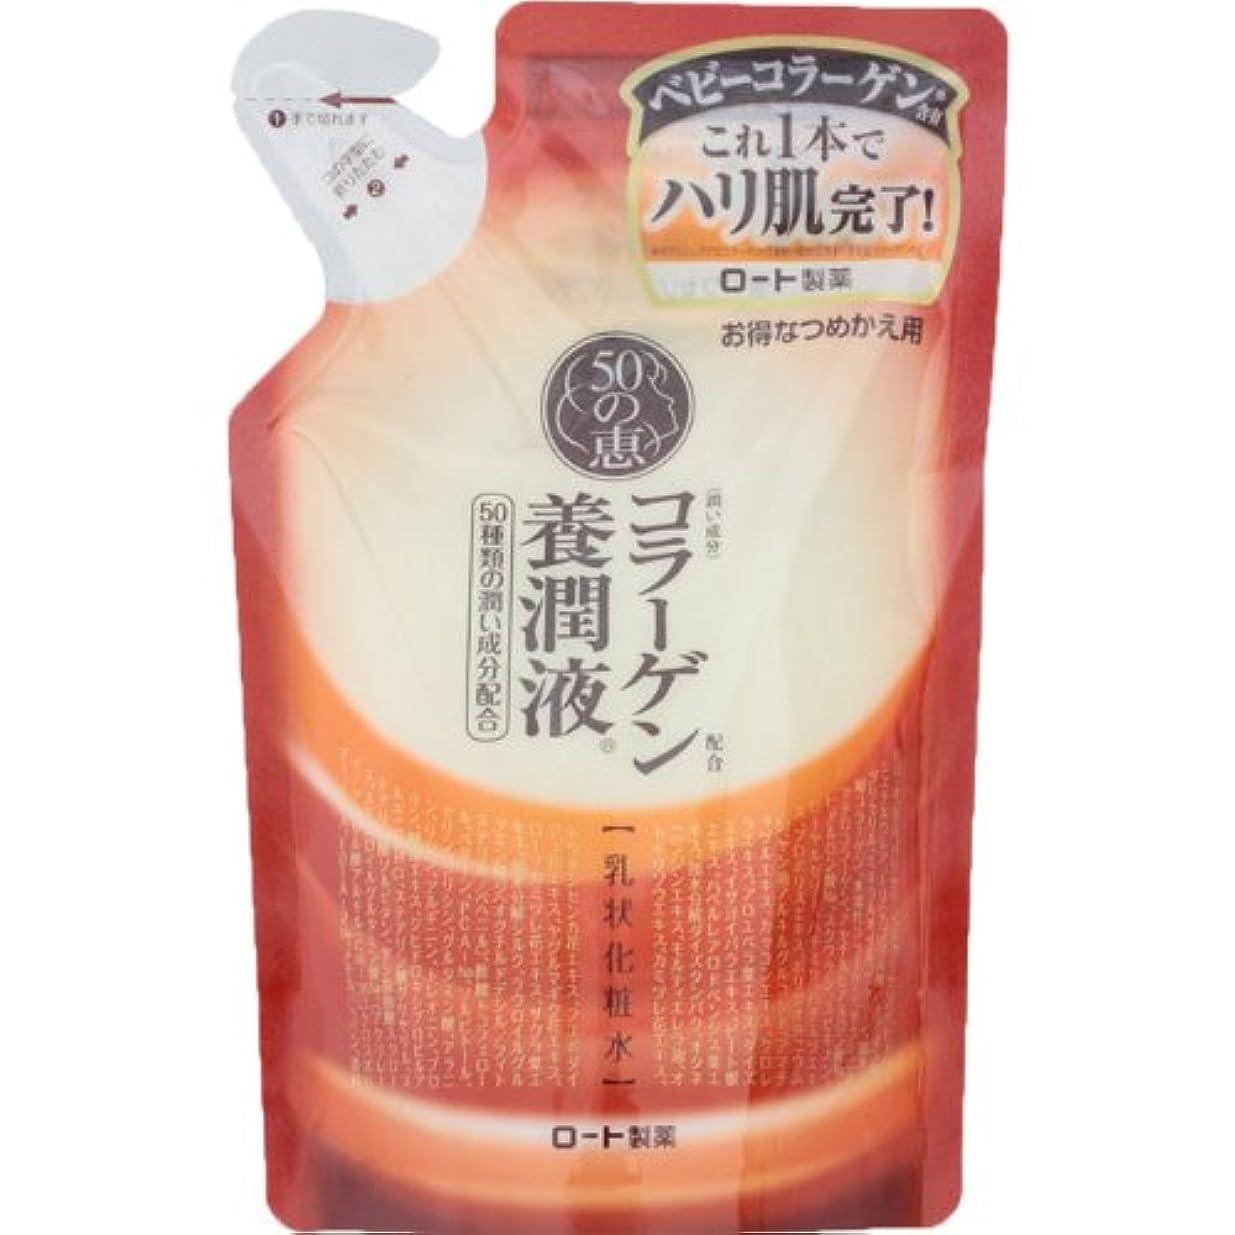 強化真っ逆さまジョブロート製薬 50の恵エイジングケア 養潤成分50種類配合 養潤液 オールインワン 詰替用 200mL